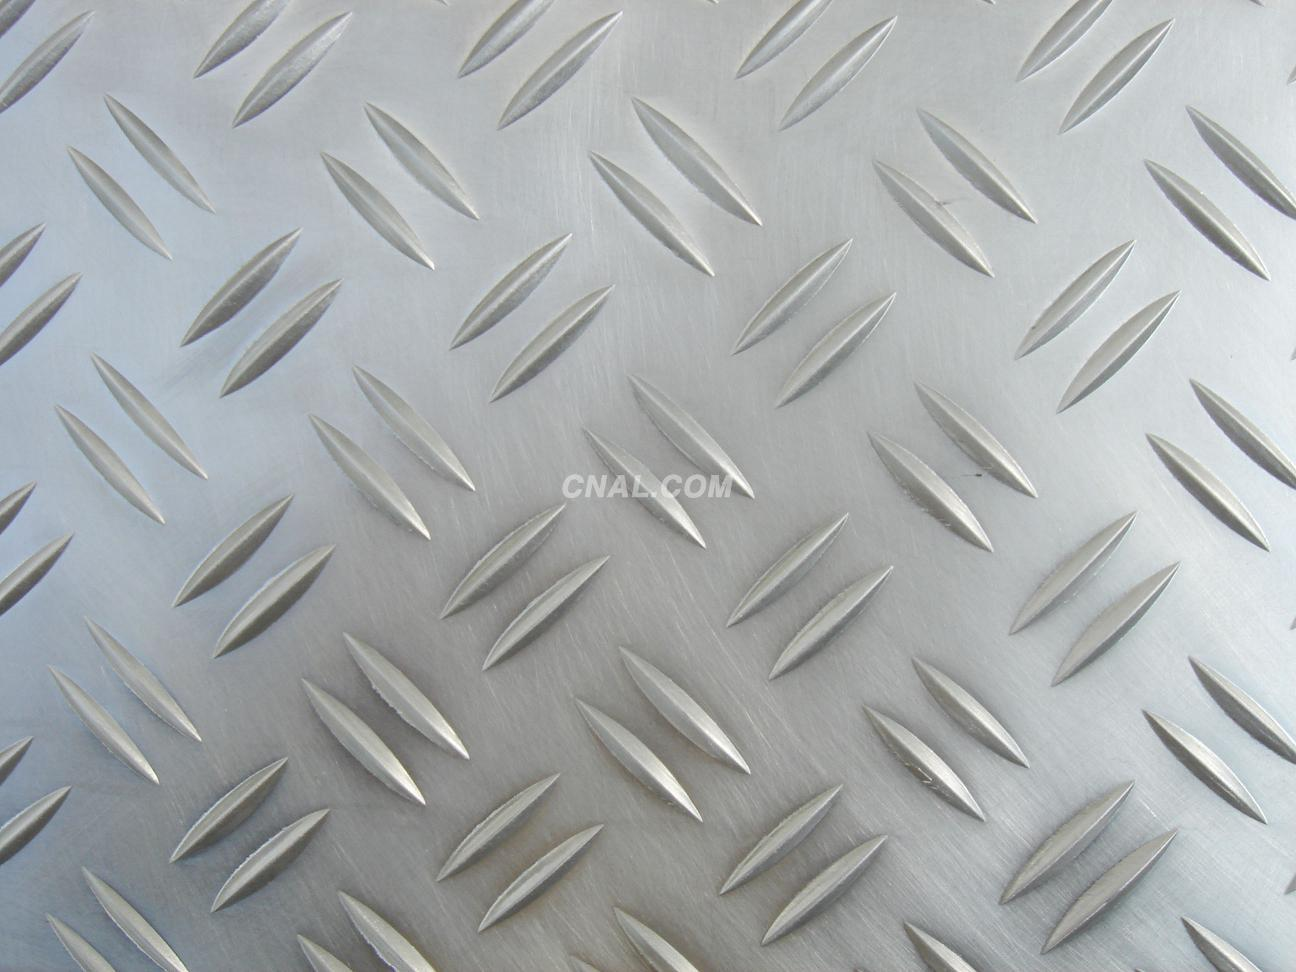 厂家直销5051铝合金花纹板,5151铝合金板